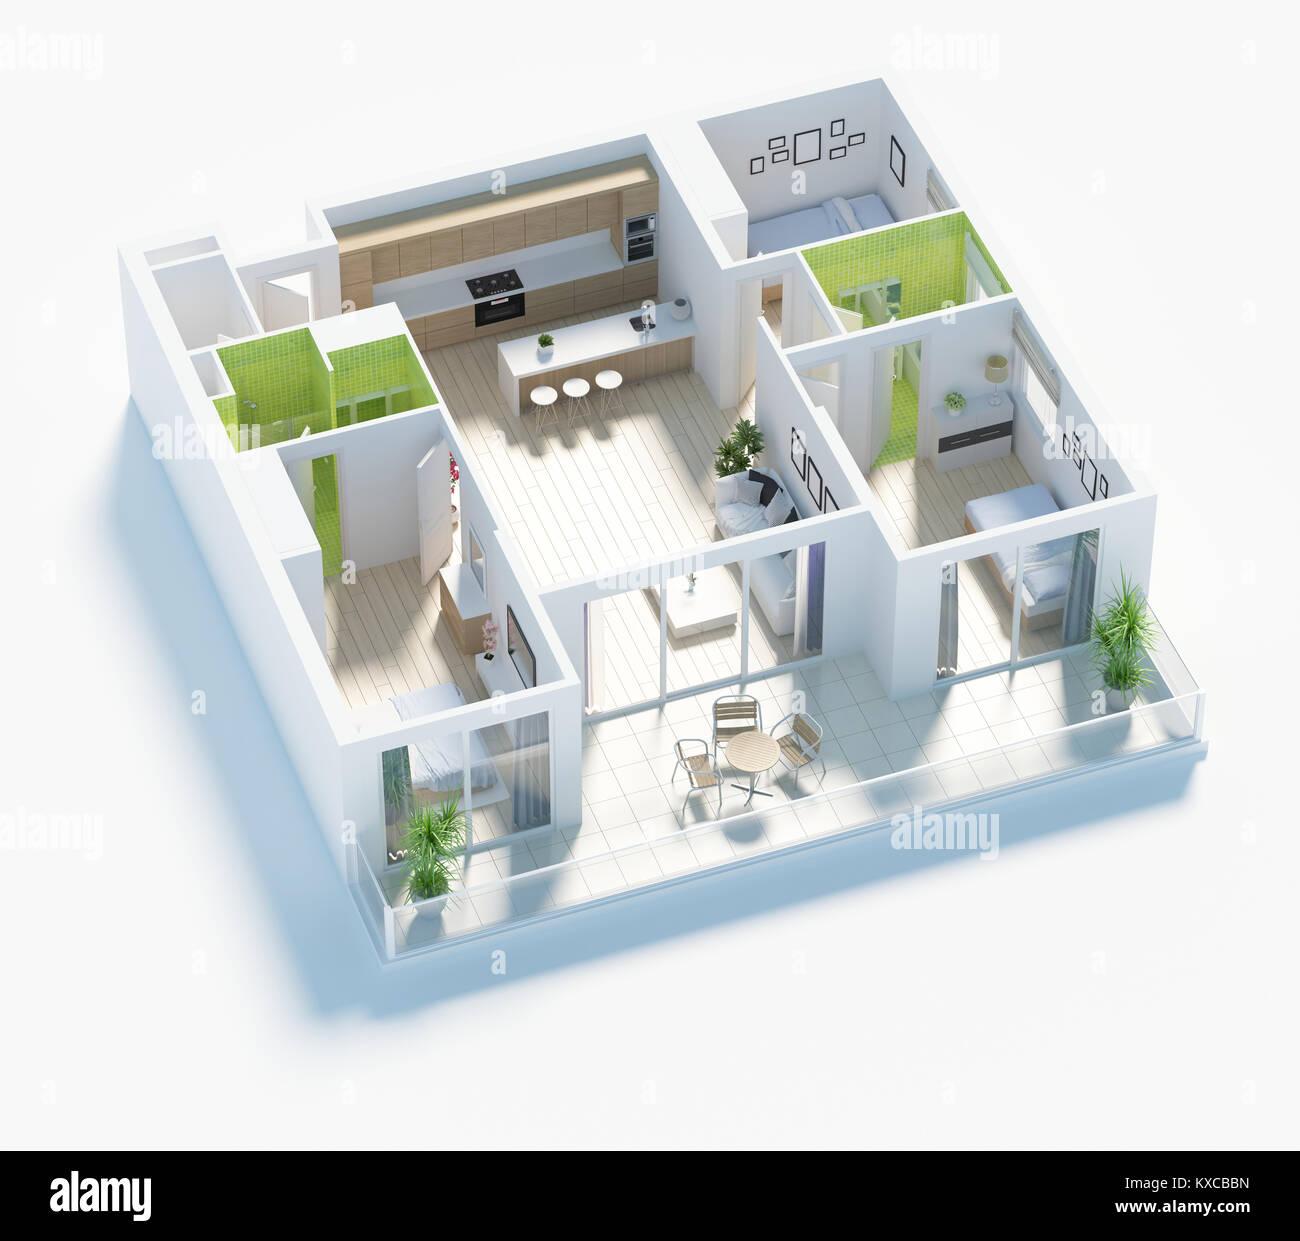 Plano de planta de una casa vista superior ilustraci n 3d for Planner casa 3d